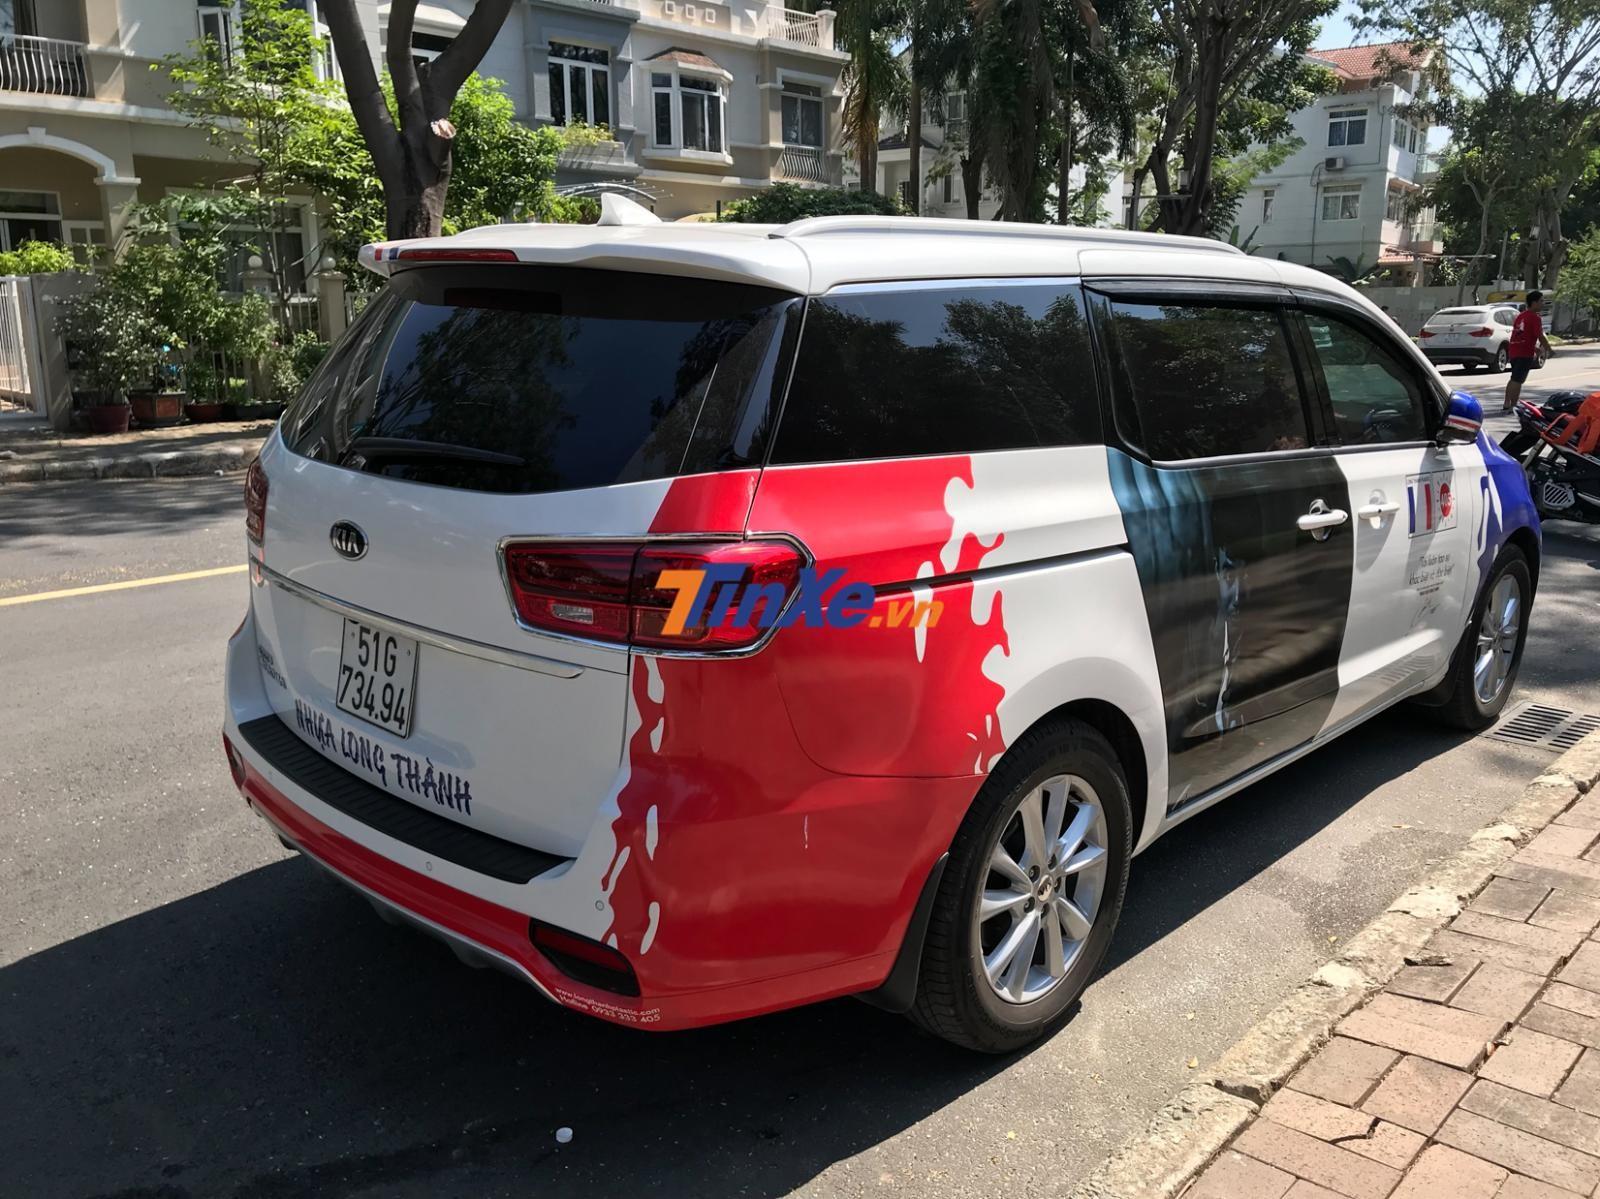 2 bên hông phía sau xe có thêm đề-can màu đỏ để tạo thành bộ áo 3 tông màu xanh dương, trắng và đỏ